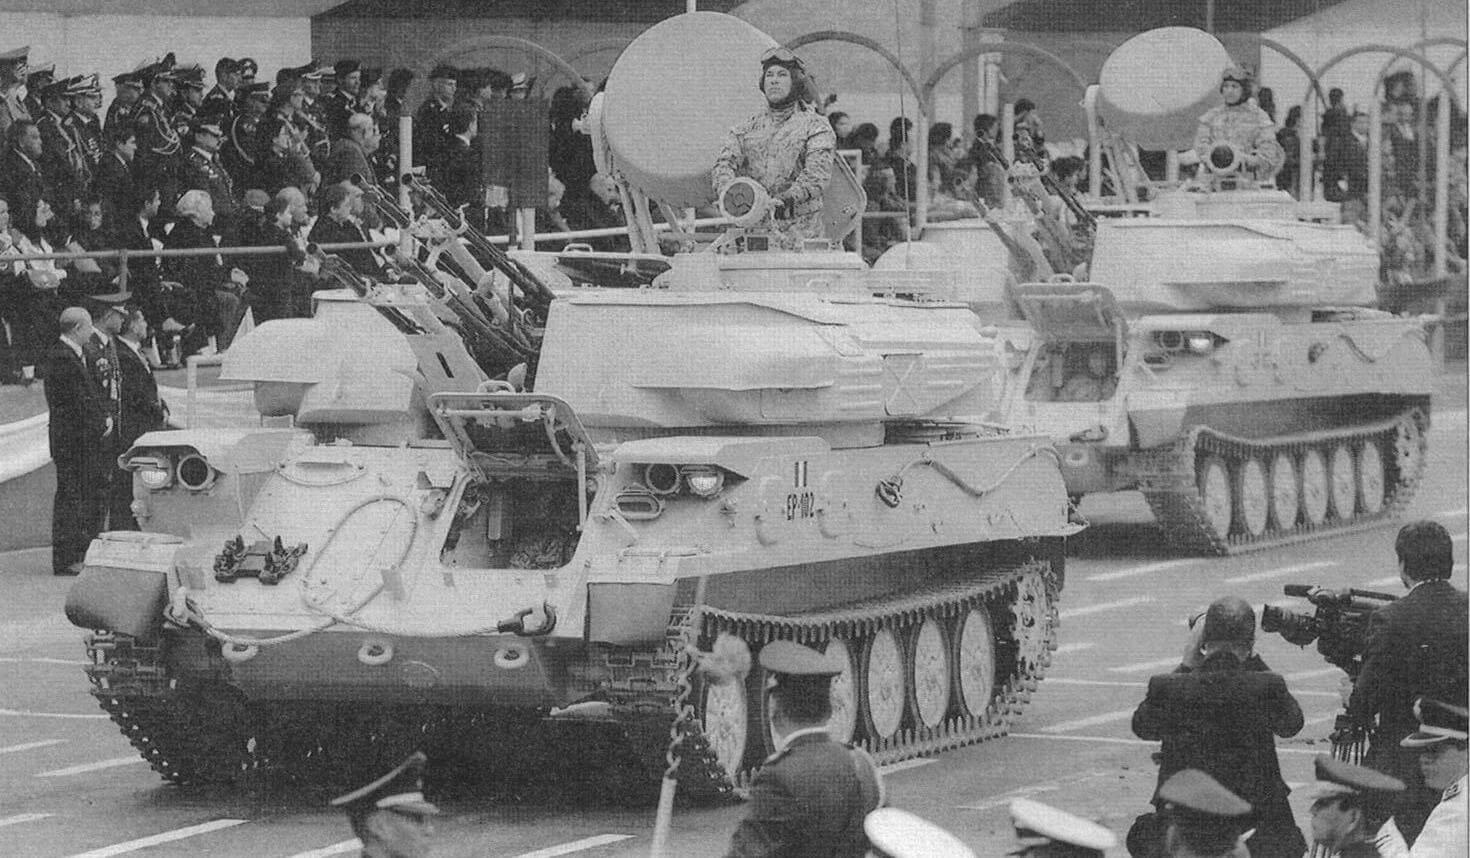 ЗСУ-23-4В1 армии Перу. Парад в честь 192-й годовщины независимости Перу. Лима, 29 июля 2013 года. Galeria del Ministerio de Defensa del Peru